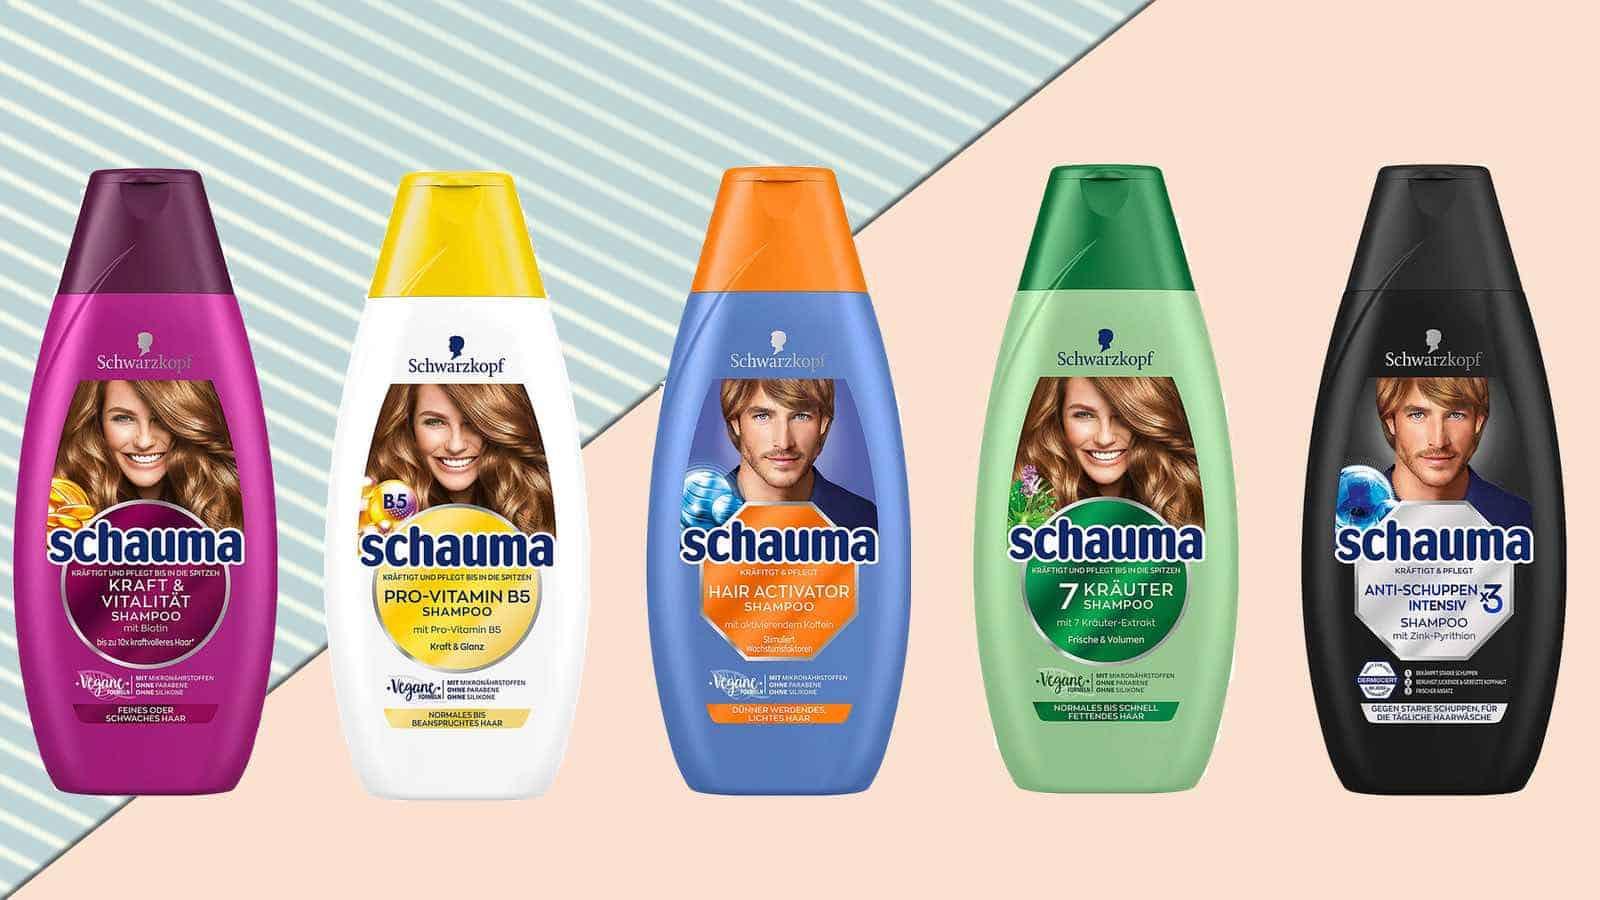 Schauma Shampoo Vergleich 2019- Die 10 besten im Vergleich